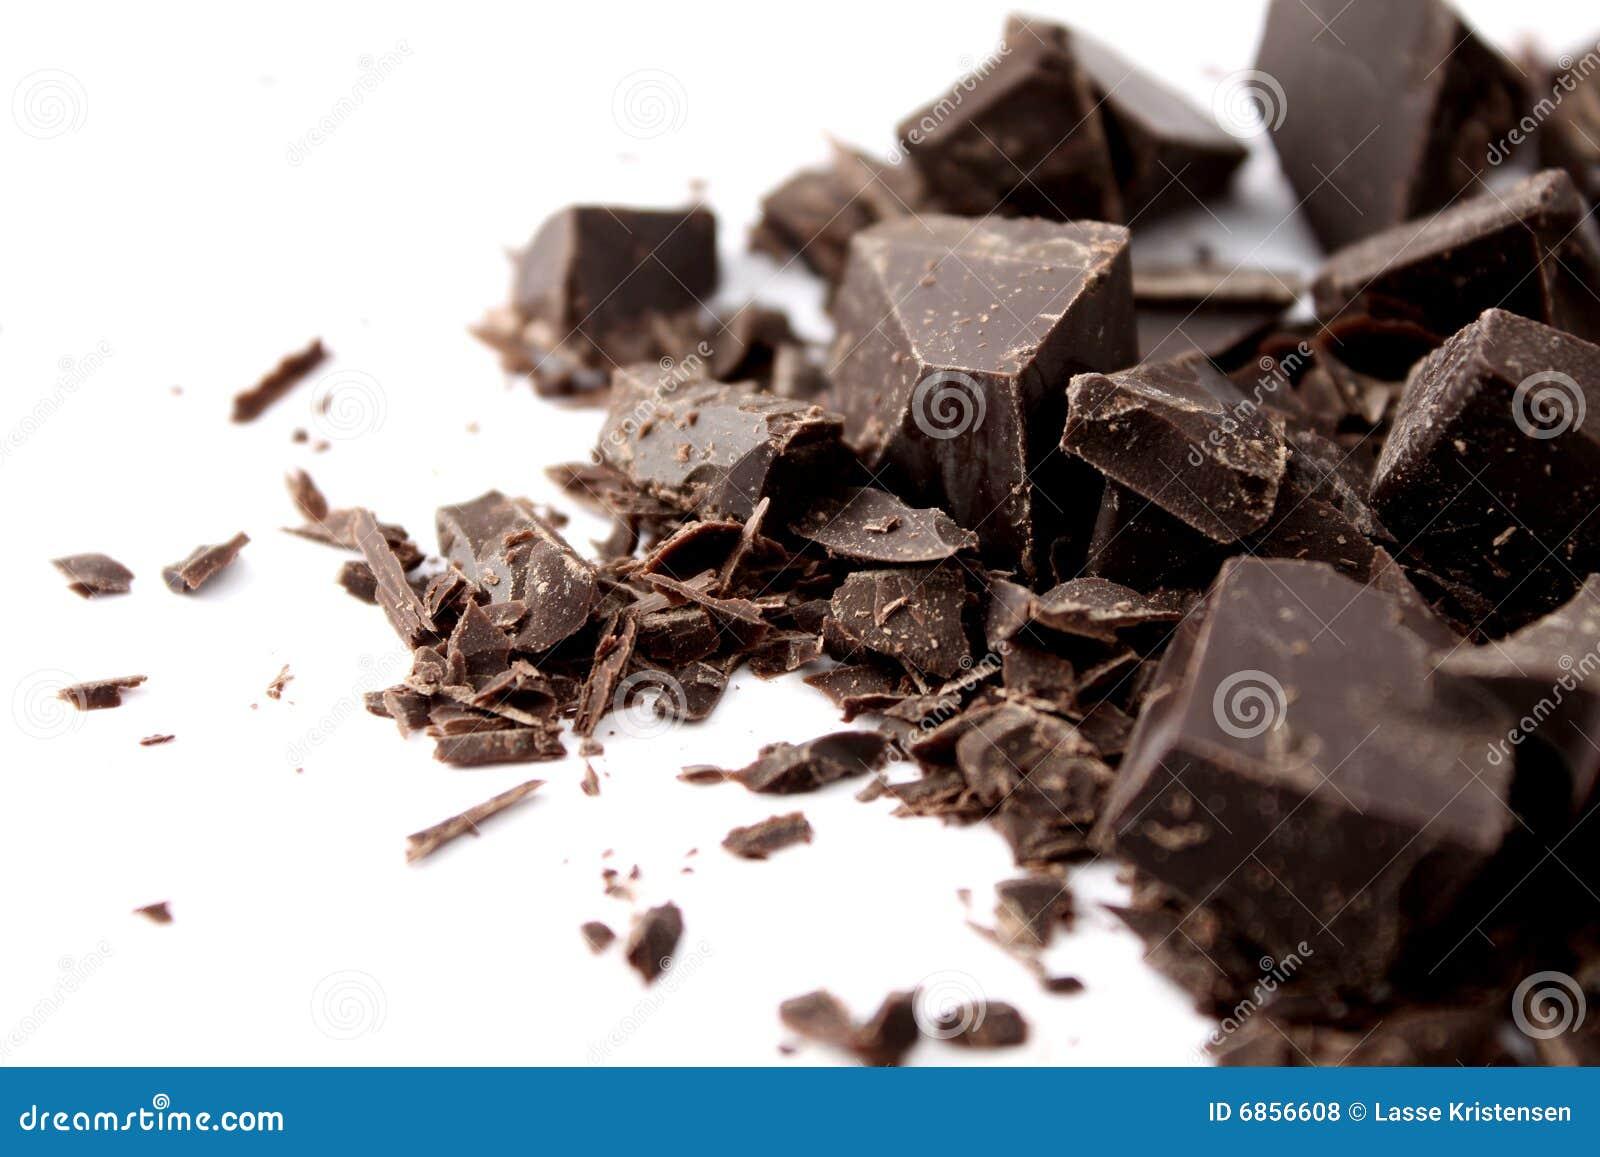 Schokolade reife freie Bilder